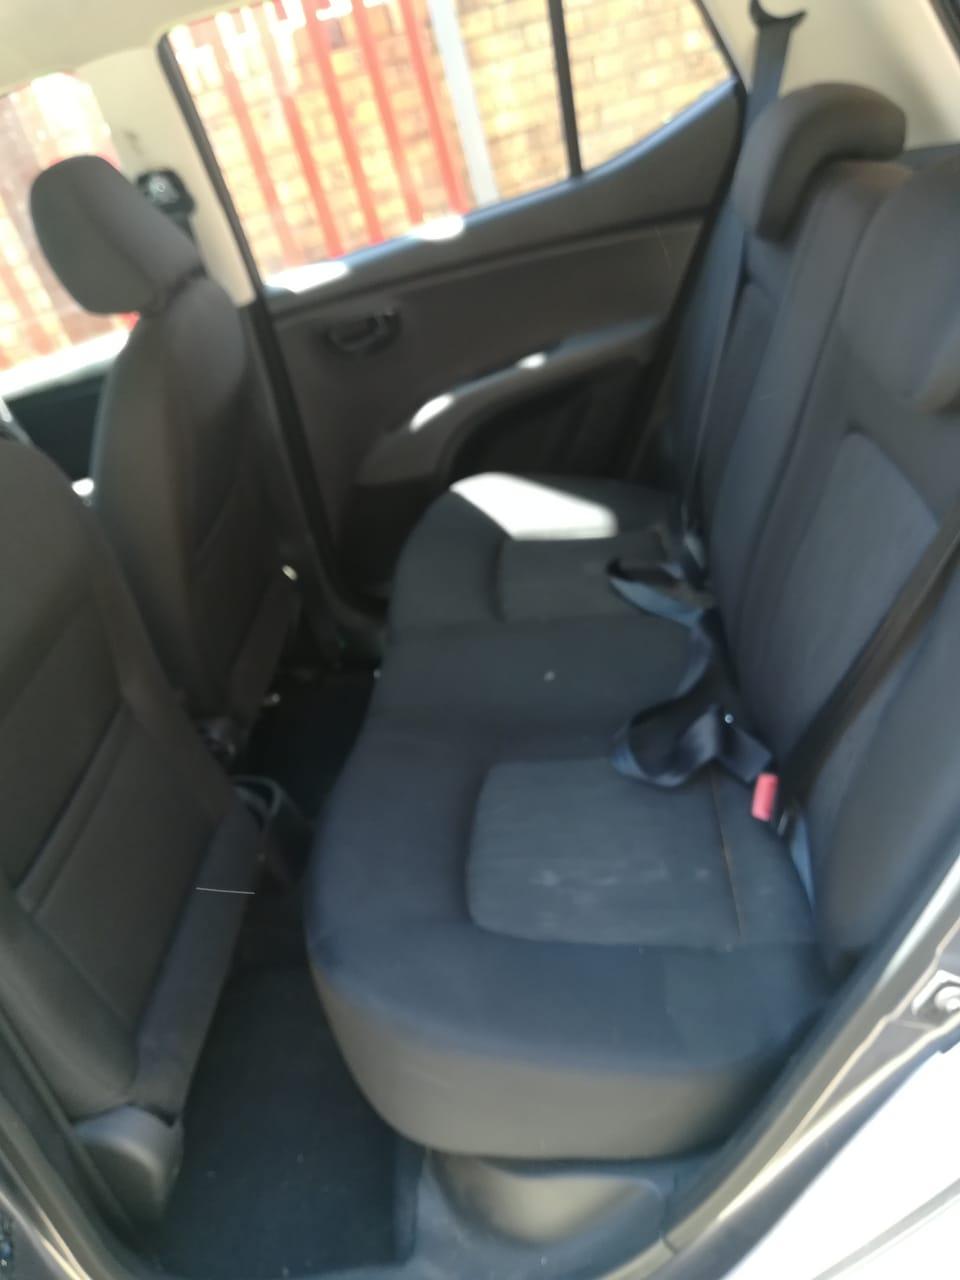 HYUNDAI / KIA USED USED CAR SEATS